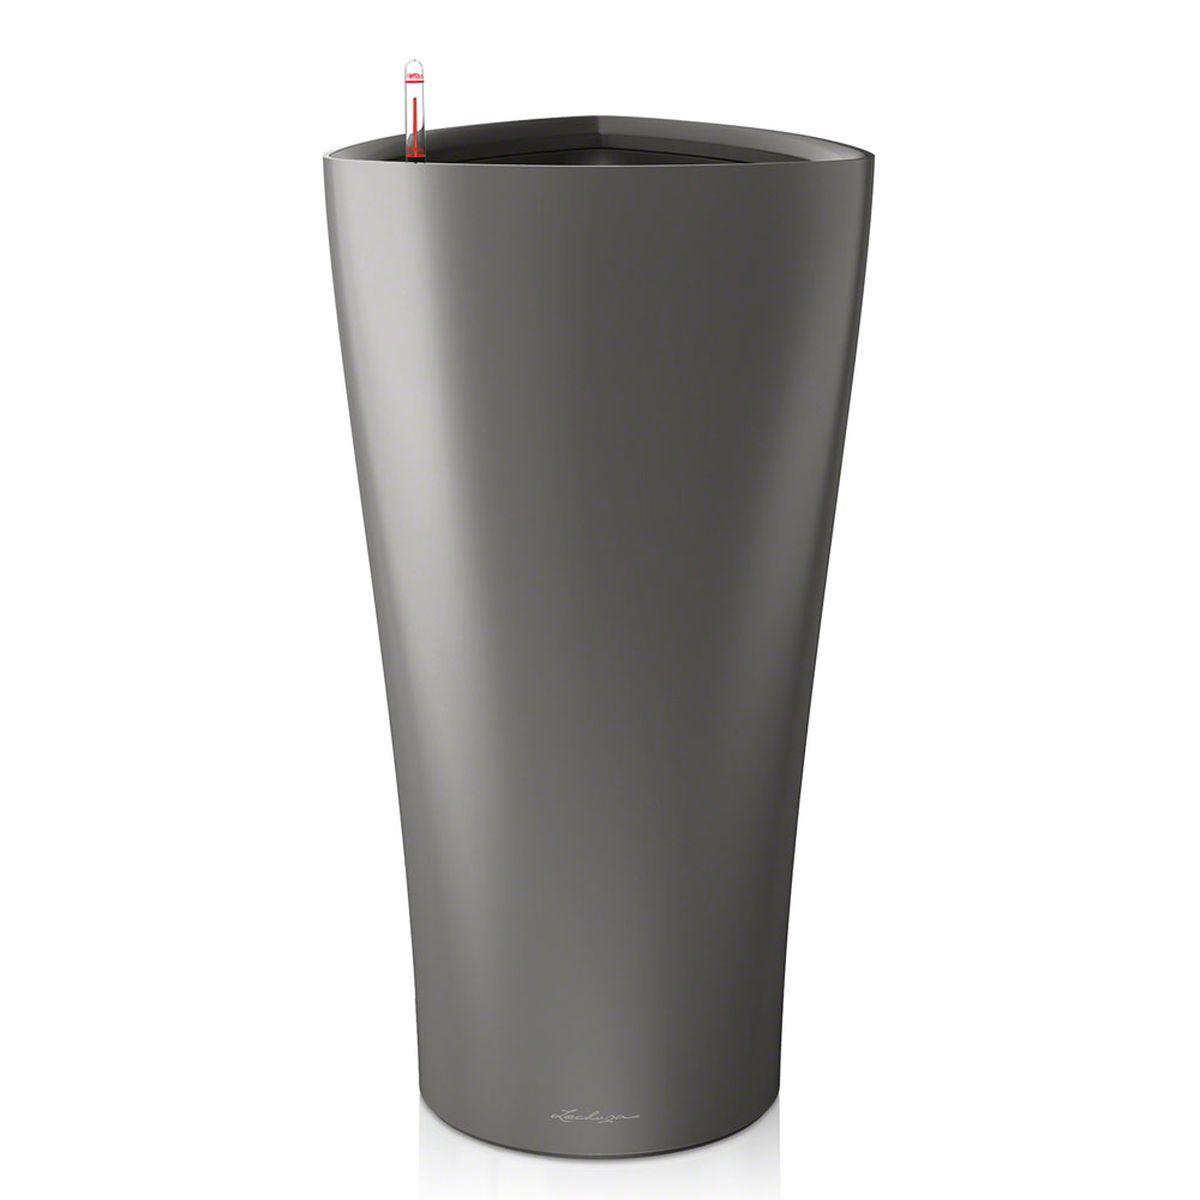 Кашпо Lechuza Delta, с системой автополива, цвет: антрацит, 30 х 30 х 56 см15246Кашпо Lechuza Delta, выполненное извысококачественного пластика, имеет уникальную системуавтополива, благодаря которой корневая система растениянепрерывно снабжается влагой из резервуара. Уровень водыв резервуаре контролируется с помощью специальногоиндикатора. В зависимости от размера кашпо и растенияводы хватает на 2-12 недель. Это способствует хорошему ростуцветов и предотвращает переувлажнение. В набор входит: кашпо, внутренний горшок, индикатор уровняводы, вал подачи воды, субстрат растений в качестведренажного слоя, резервуар для воды. Кашпо Lechuza Delta прекрасно впишется в любой интерьер.Оно поможет расставить нужные акценты ипридаст помещению вид, соответствующий вашимпредставлениям.